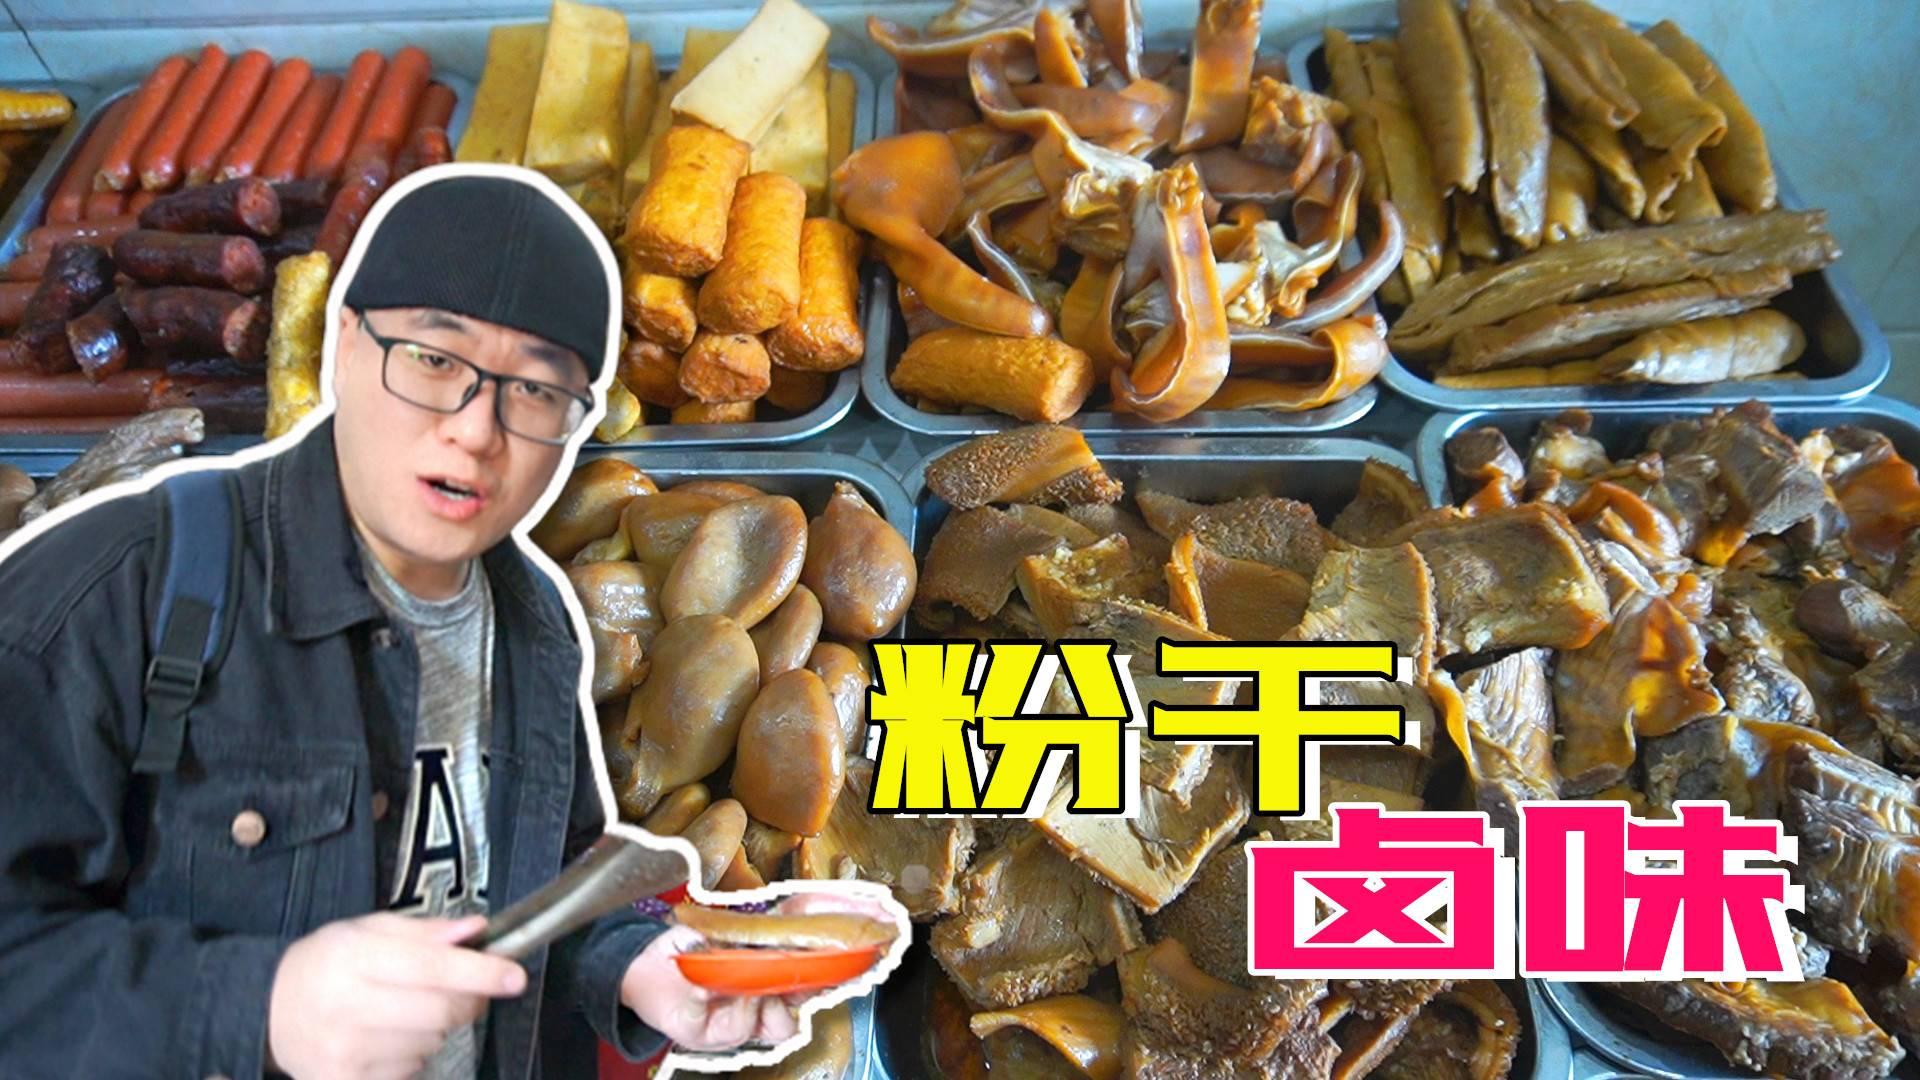 【阿星探店】福州粉干只卖4元,坐满食客,干鱼虾熬汤,搭配几十种卤味